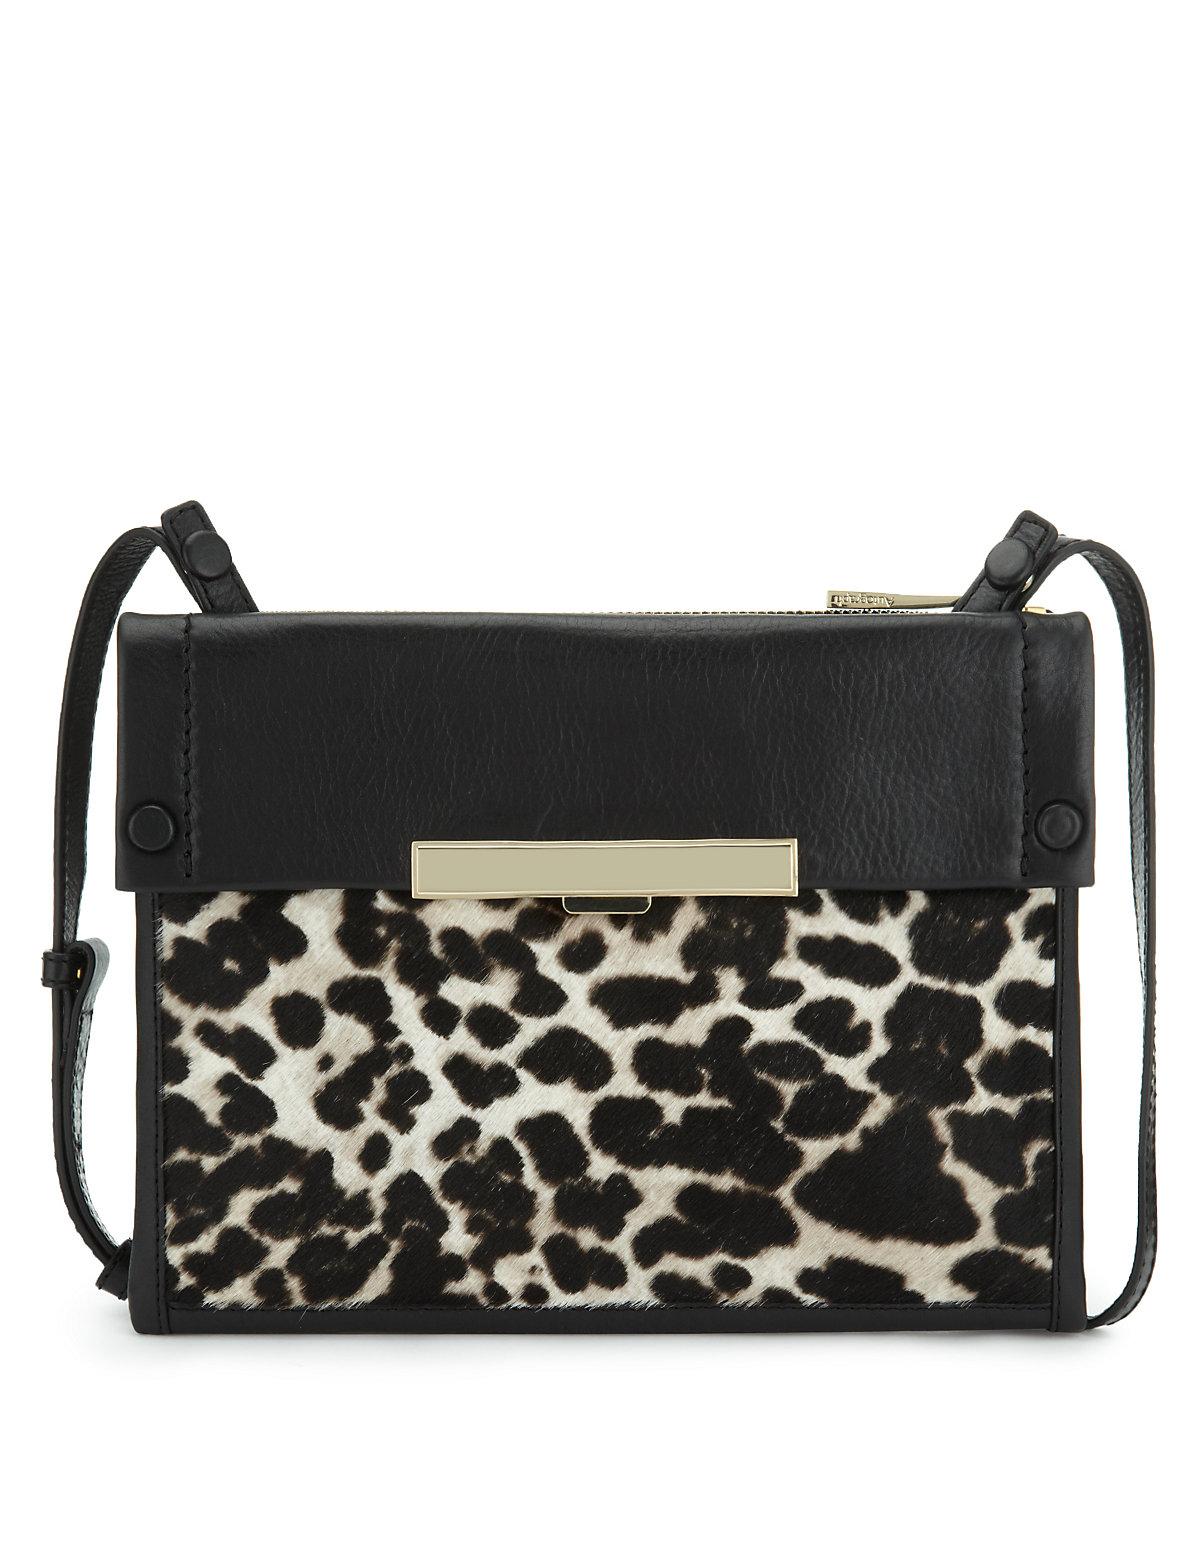 Autograph Leather Leopard Print Shoulder Bag 23